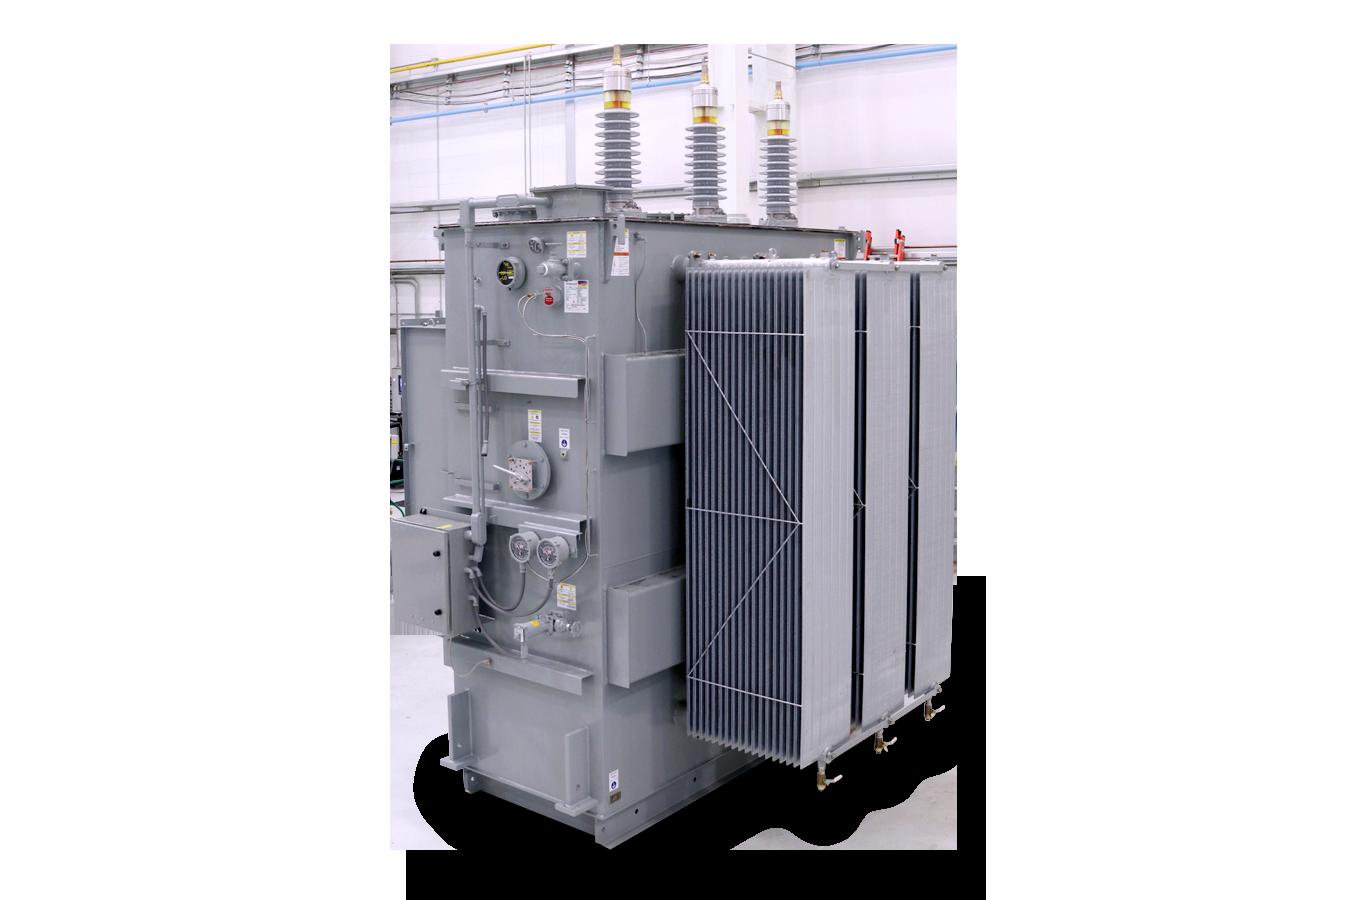 Static Excitation Transformers - Niagara Power Transformer